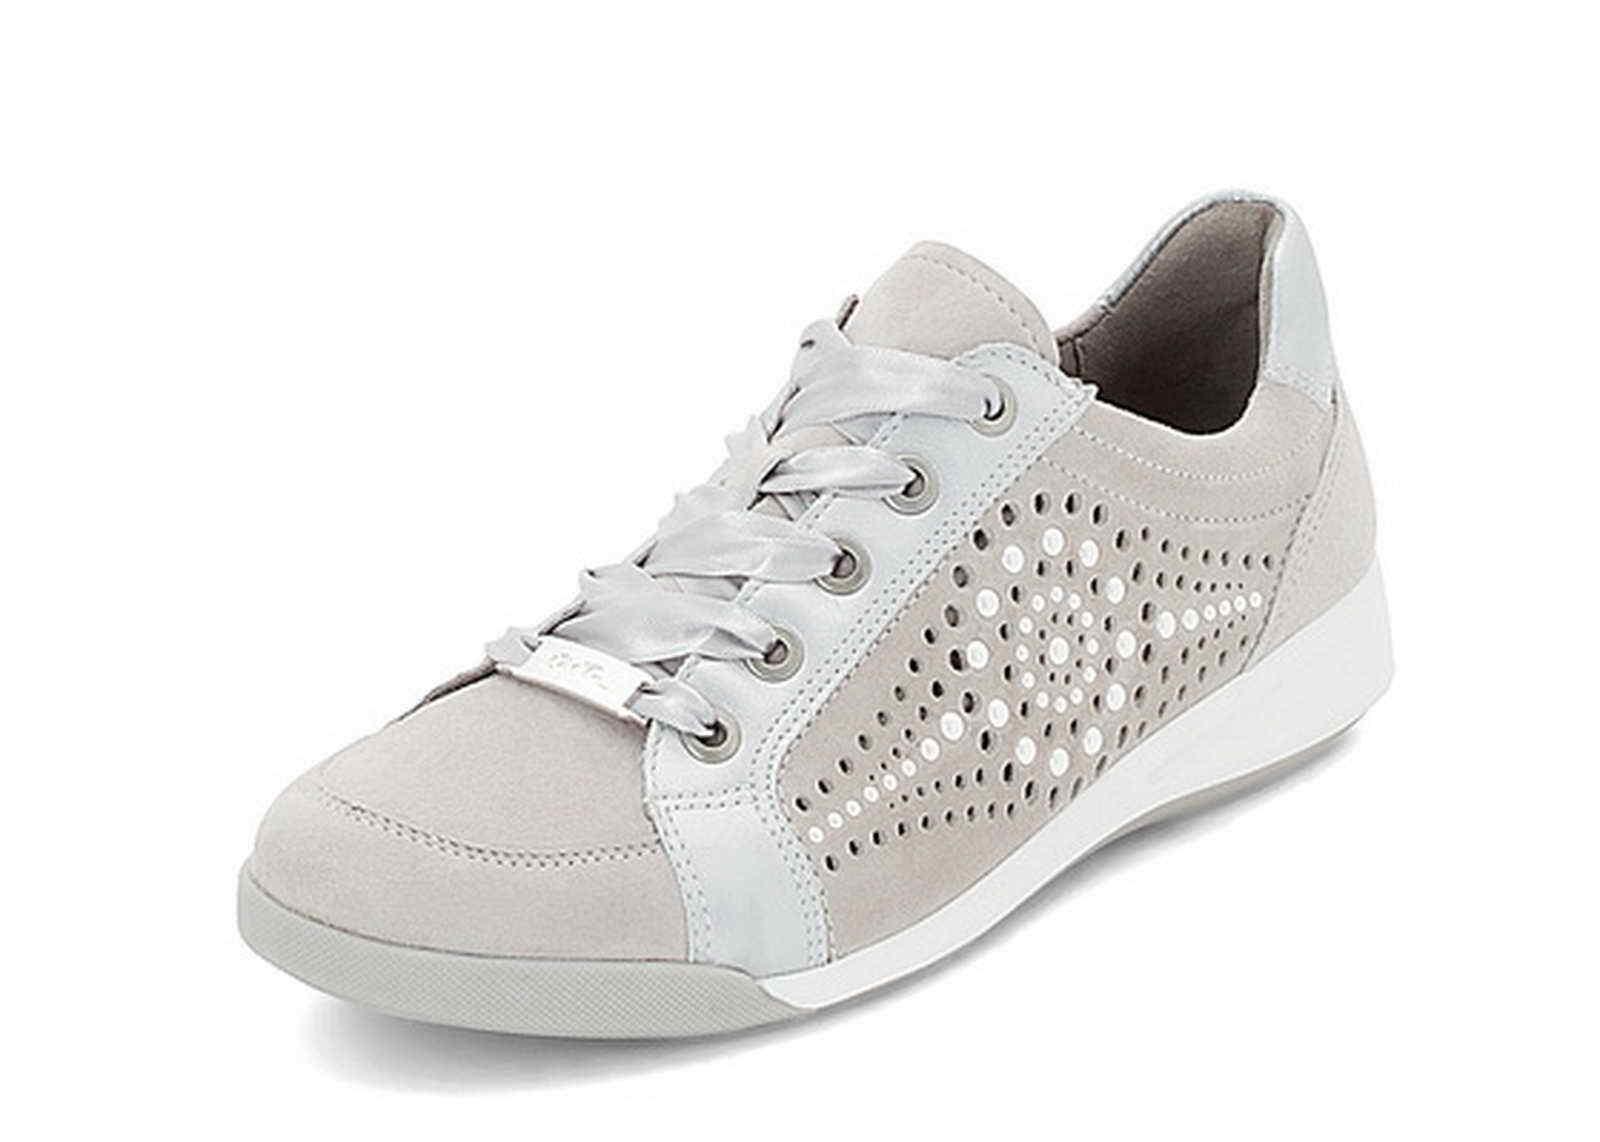 Ara Sneaker Schnür Rom 34418 06 grau kiesel silber silber silber Nubuk Leder Halbschuh 0c0119